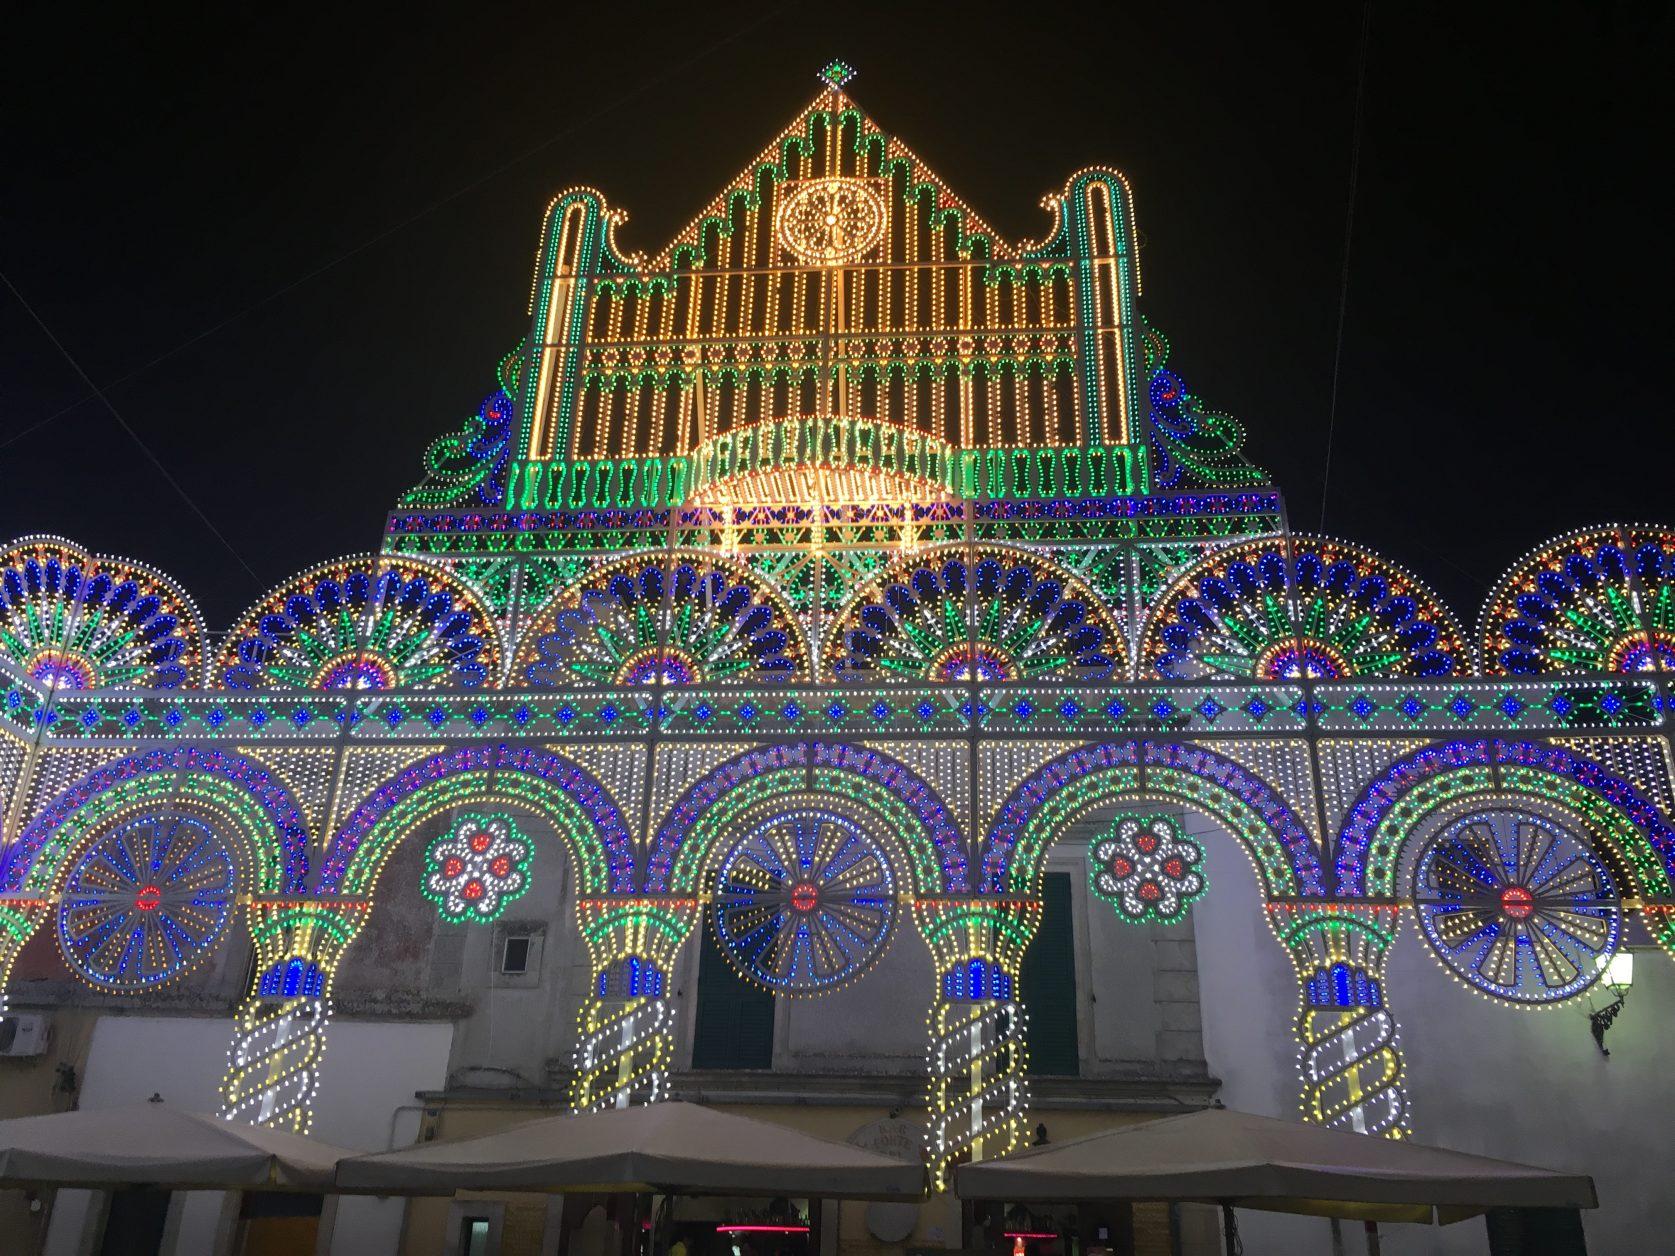 Festlich illuminiert präsentiert sich die Basilika von Castro Ende April 2017. Foto: D.Weirauch